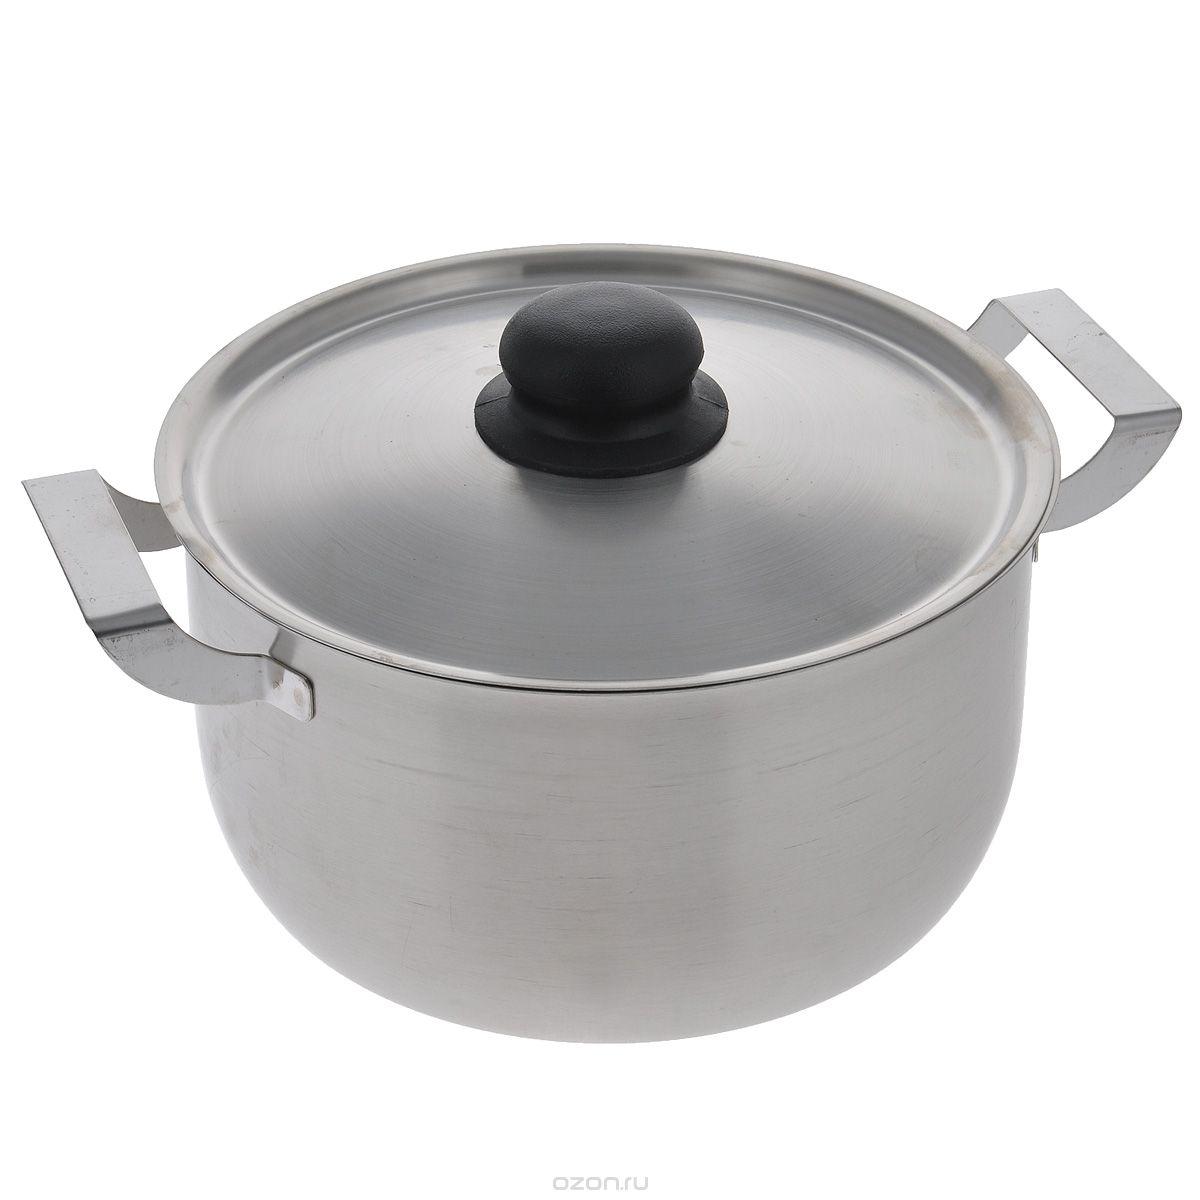 Посуда из нержавеющей стали: от обычной до профессиональной